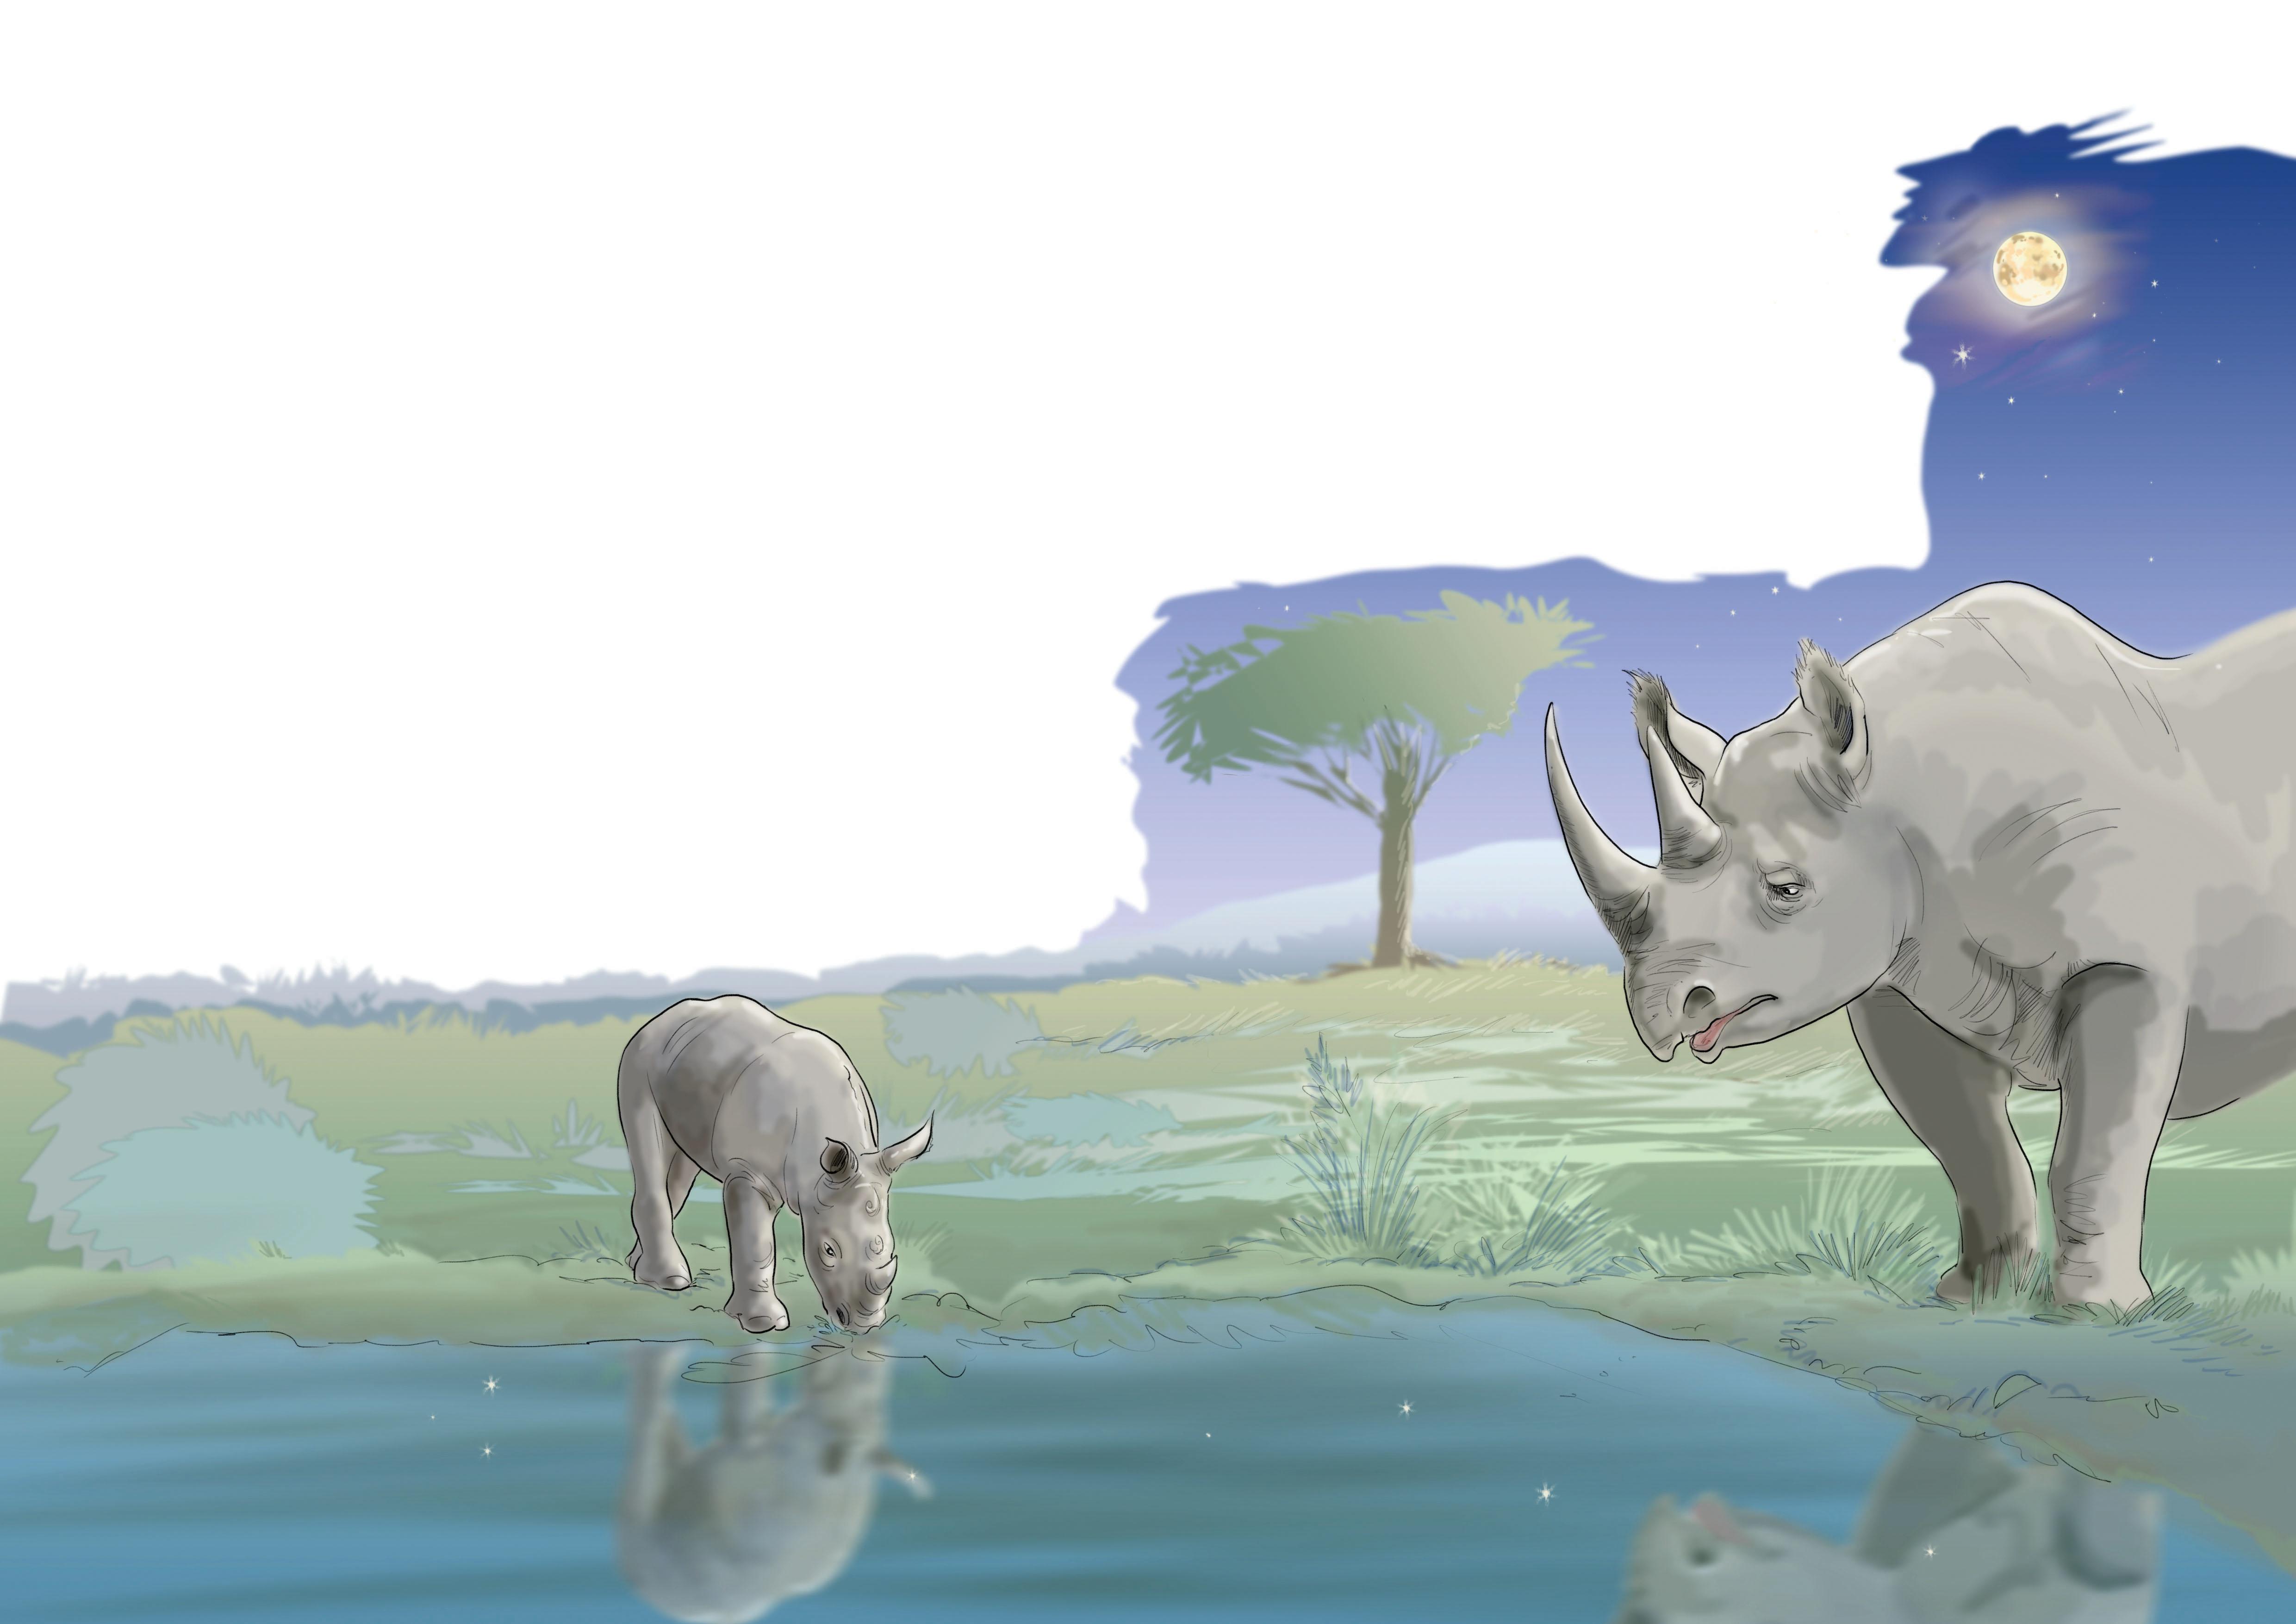 Ronnie Rhino aw36.3